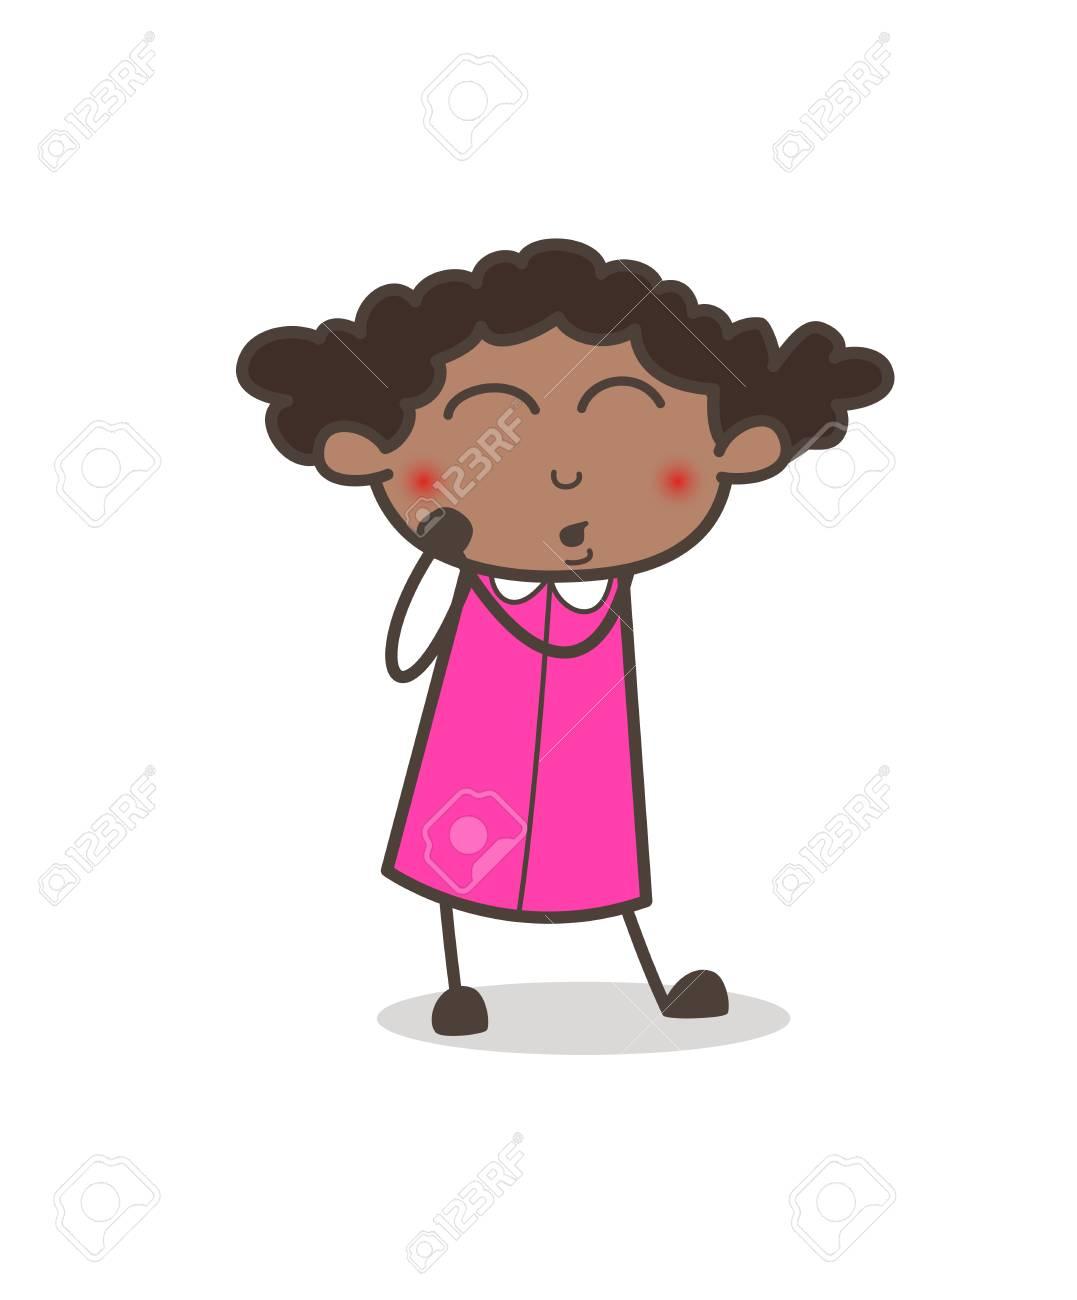 罪のないかわいい女の子イラストのイラスト素材ベクタ Image 88295219